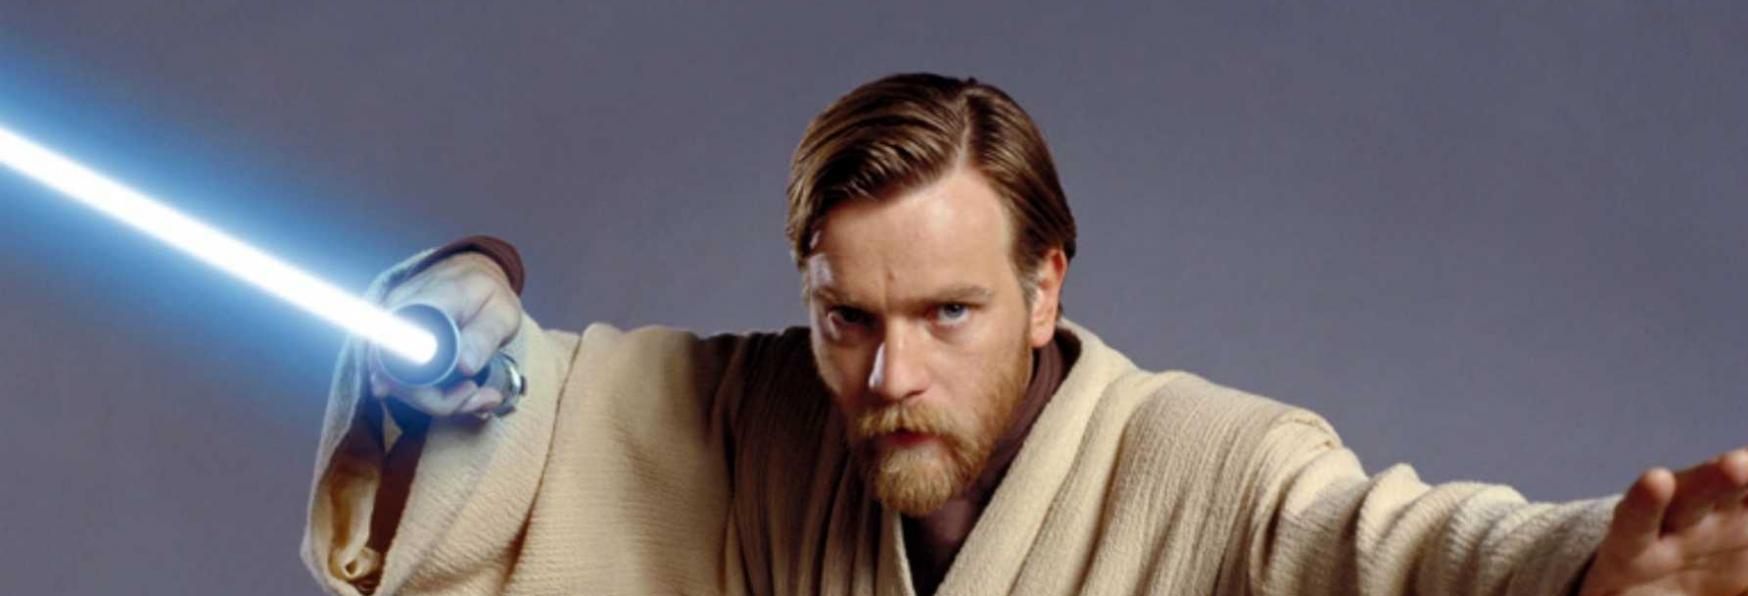 Star Wars: Kenobi - Secondo alcuni Rumor la Serie TV si svolgerà in due Periodi Diversi